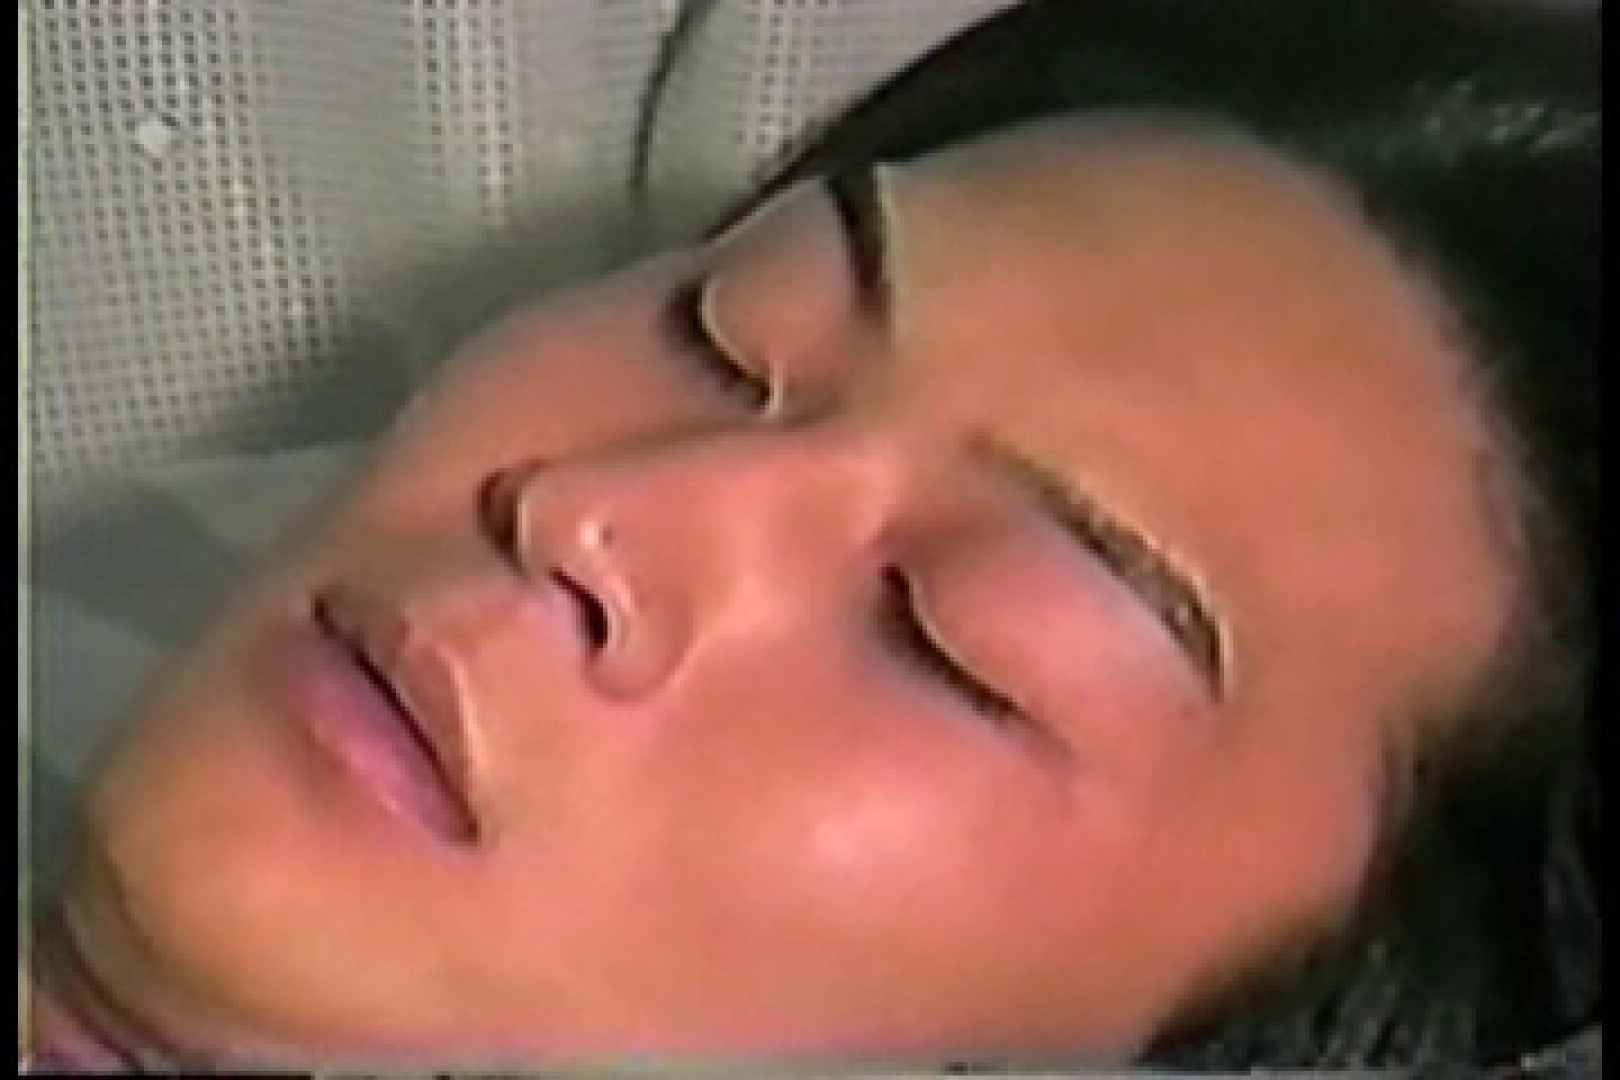 【個人投稿作品】お金の為なら何でもやりまっせ!! 手コキ 男同士動画 85pic 2